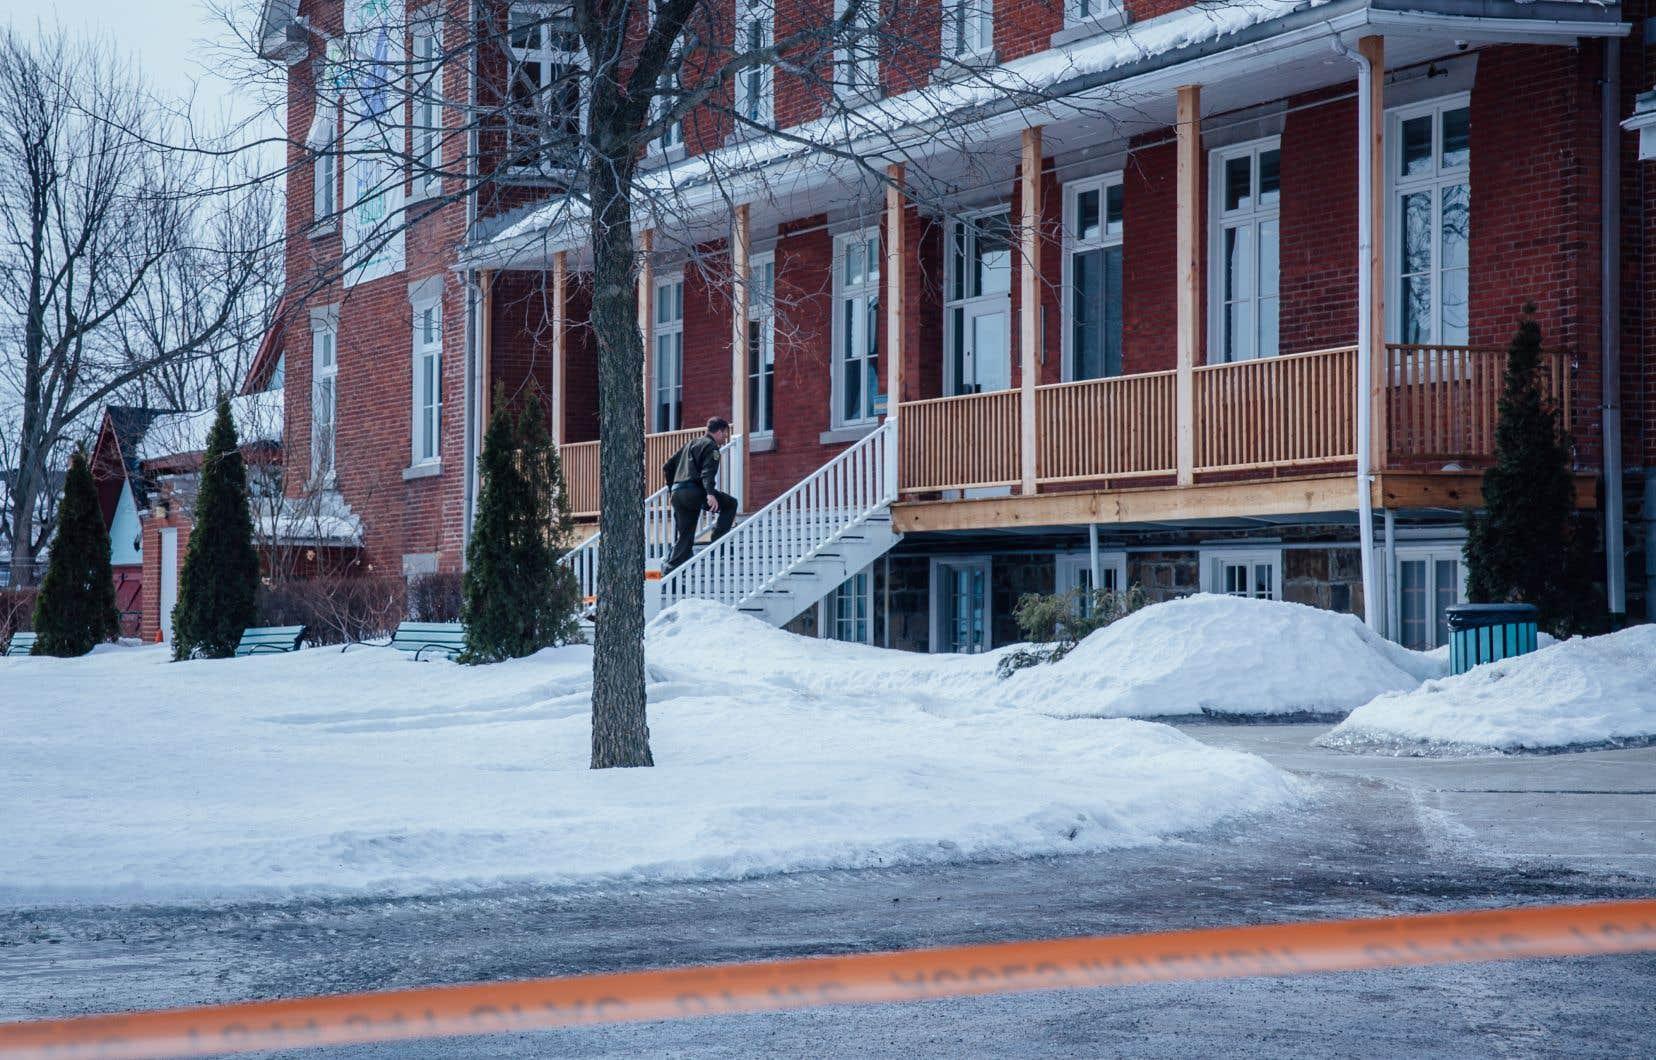 La Ville de Chambly est sous tutelle depuis février dernier en raison d'allégations de manquements en matière d'éthique et de déontologie.